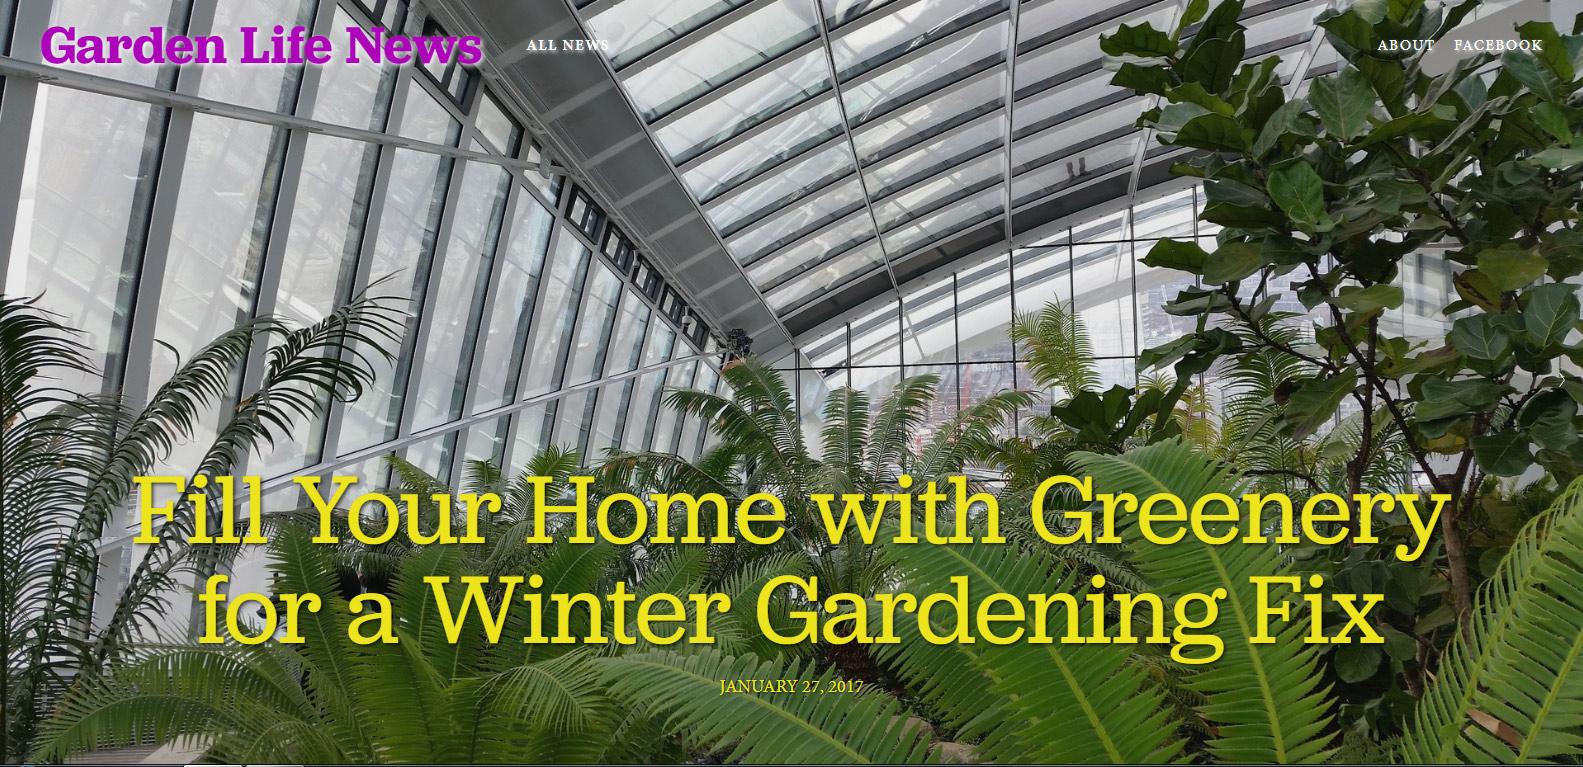 garden-life-news-website.jpg